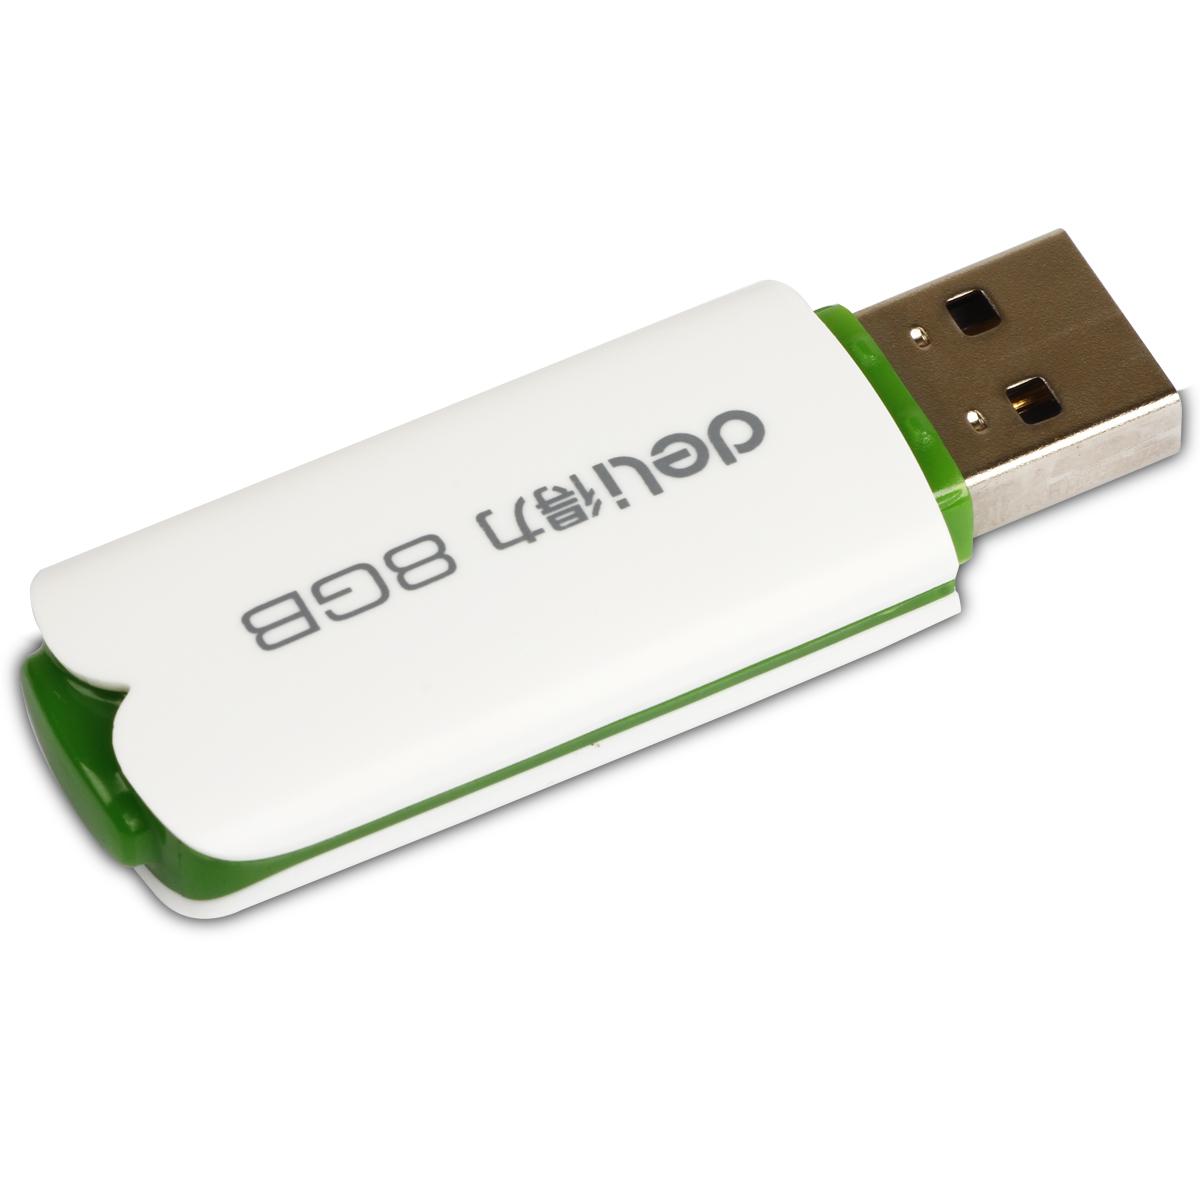 得力8G/16Gu盘迷你便携U盘金属外壳存储盘 高速USB接口优盘32G